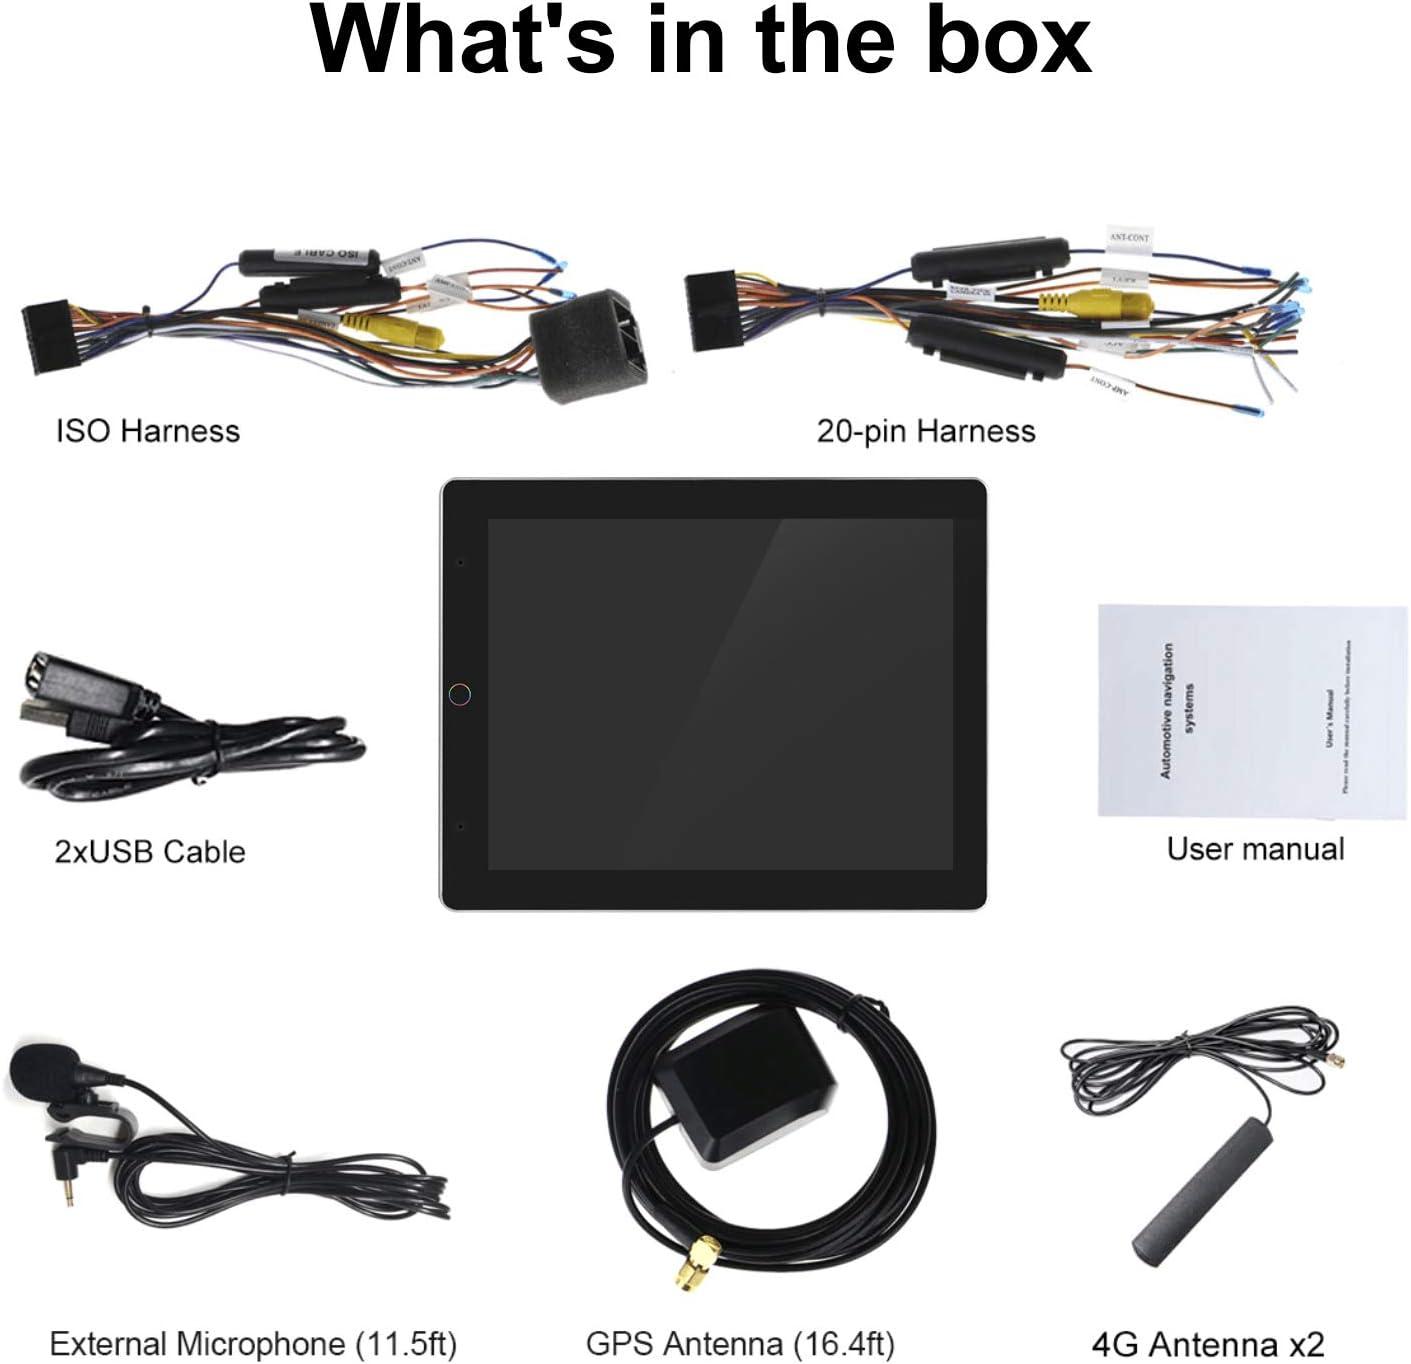 64 GB Bluetooth-Untersttzung fr zlink und Android Auto Joyforwa ...